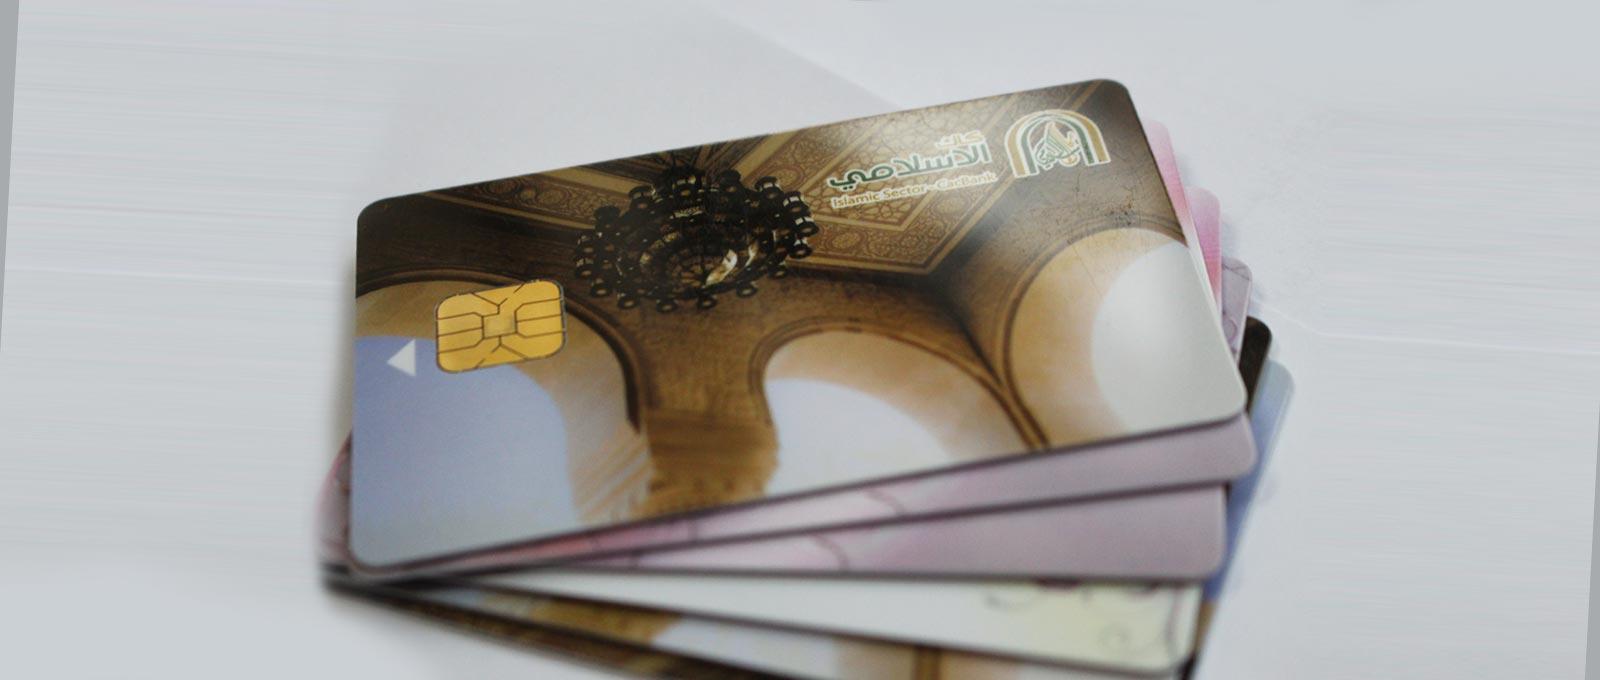 >البطاقات